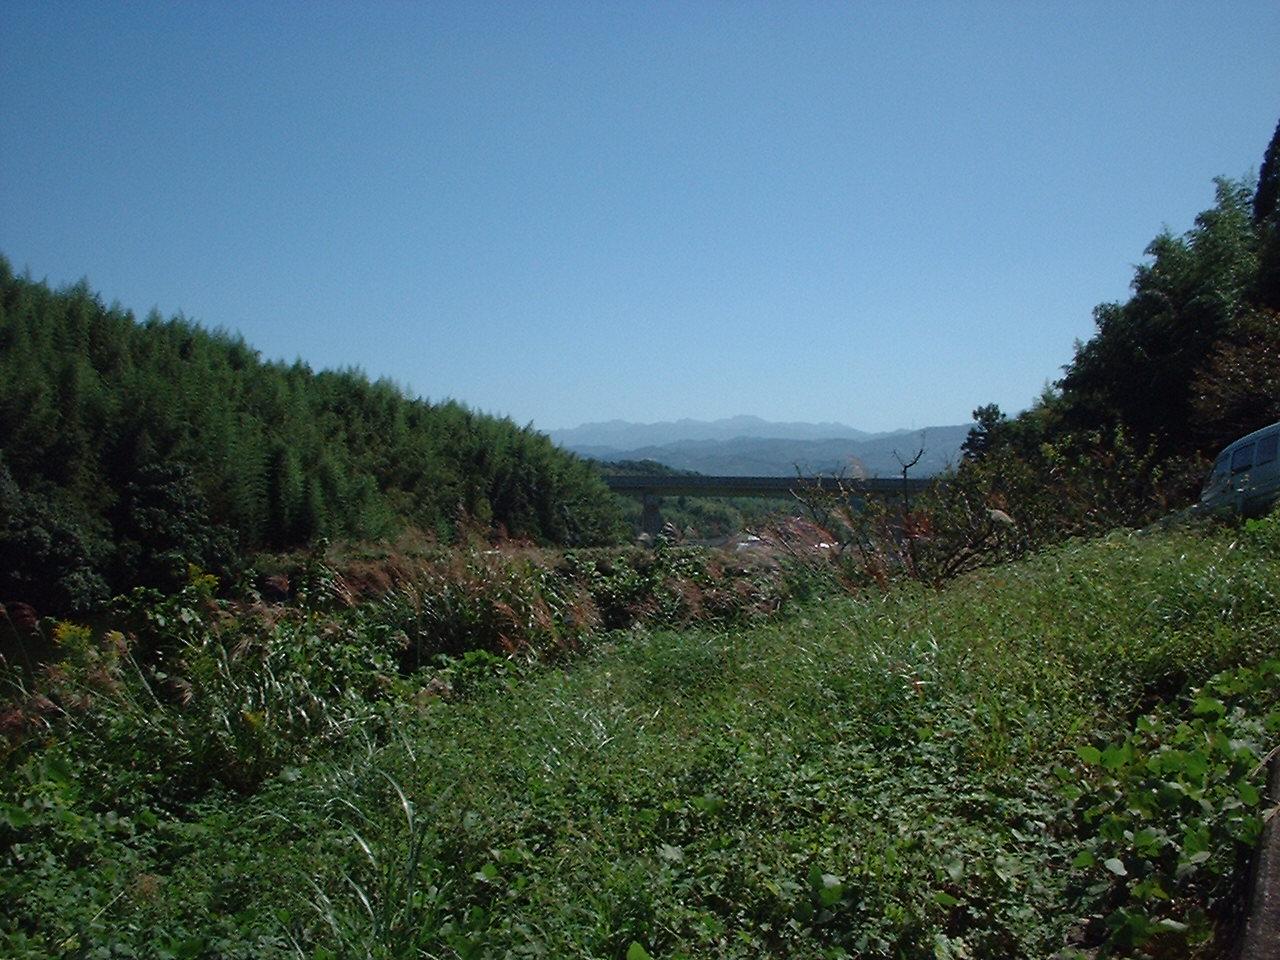 奈良の旅館 大和五條 宿のオヤジの独り言:奈良県五條市から見 ...